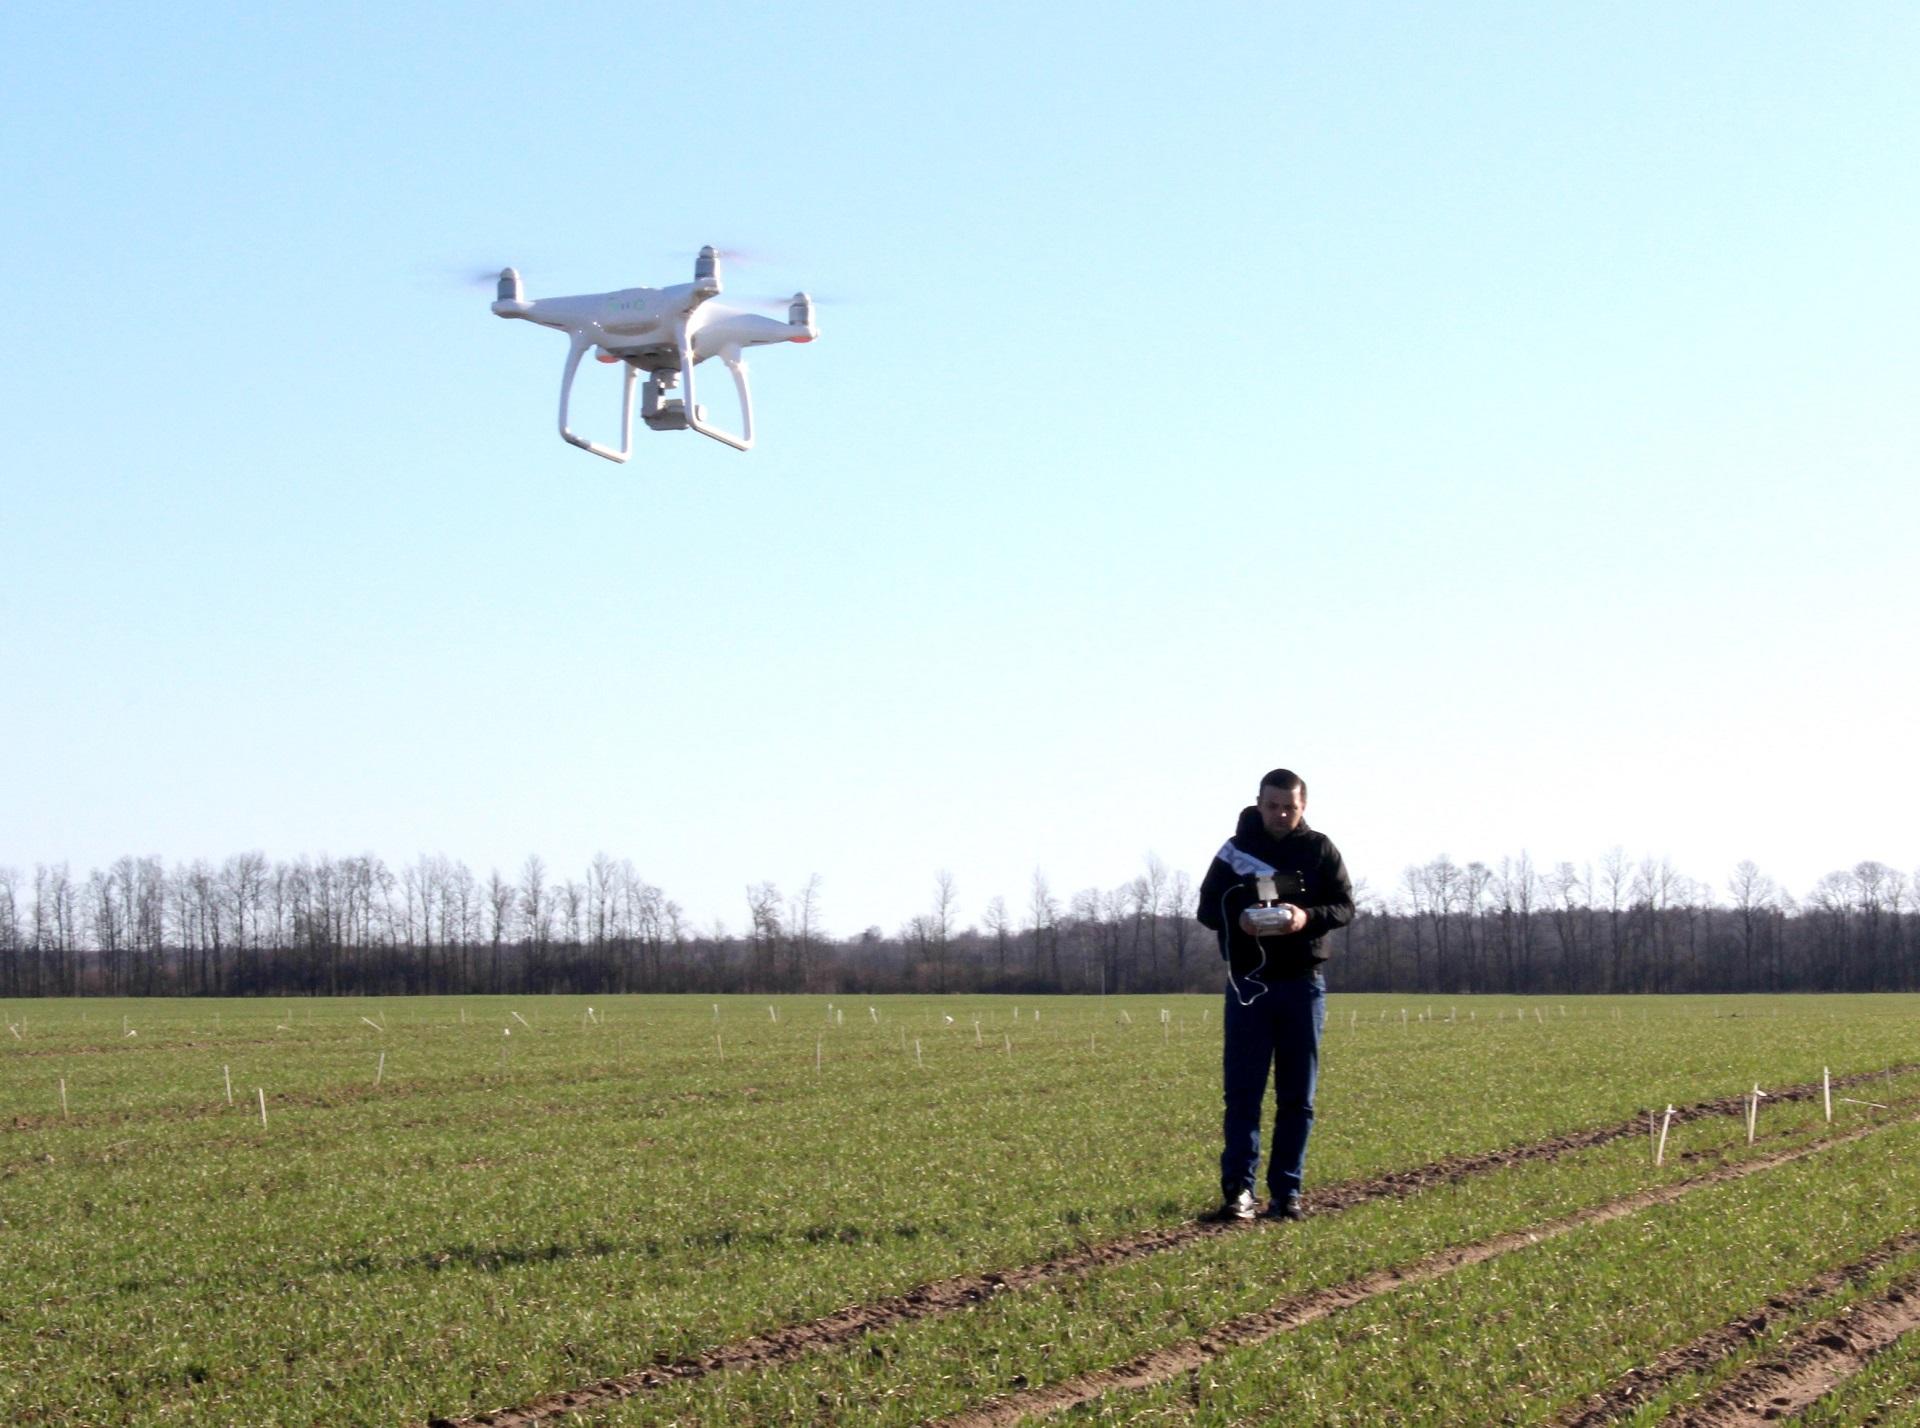 Aerofotografijos vietovės analizei pagalba ūkininkai gali sutaupyti nemažai laiko ir pinigų, nes nereikia apvažiuoti daugybės laukų, o taip pat bereikalingai eikvoti brangias chemines medžiagas. Asmeninio archyvo nuotr.